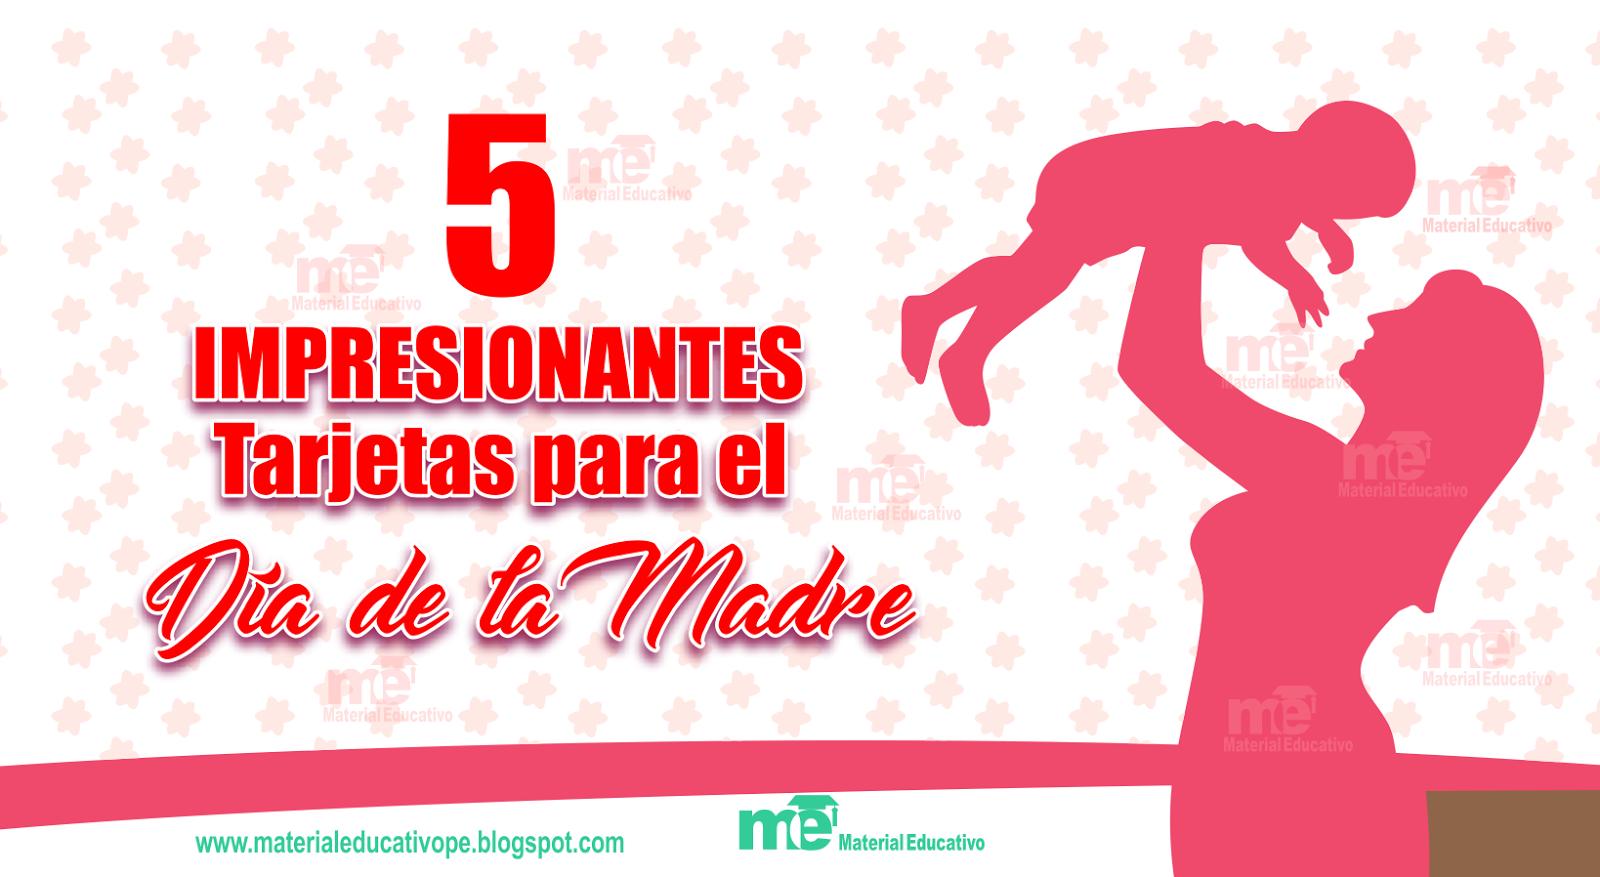 5 IMPRESIONANTES Tarjetas para el DIA de la MADRE ~ Material Educativo